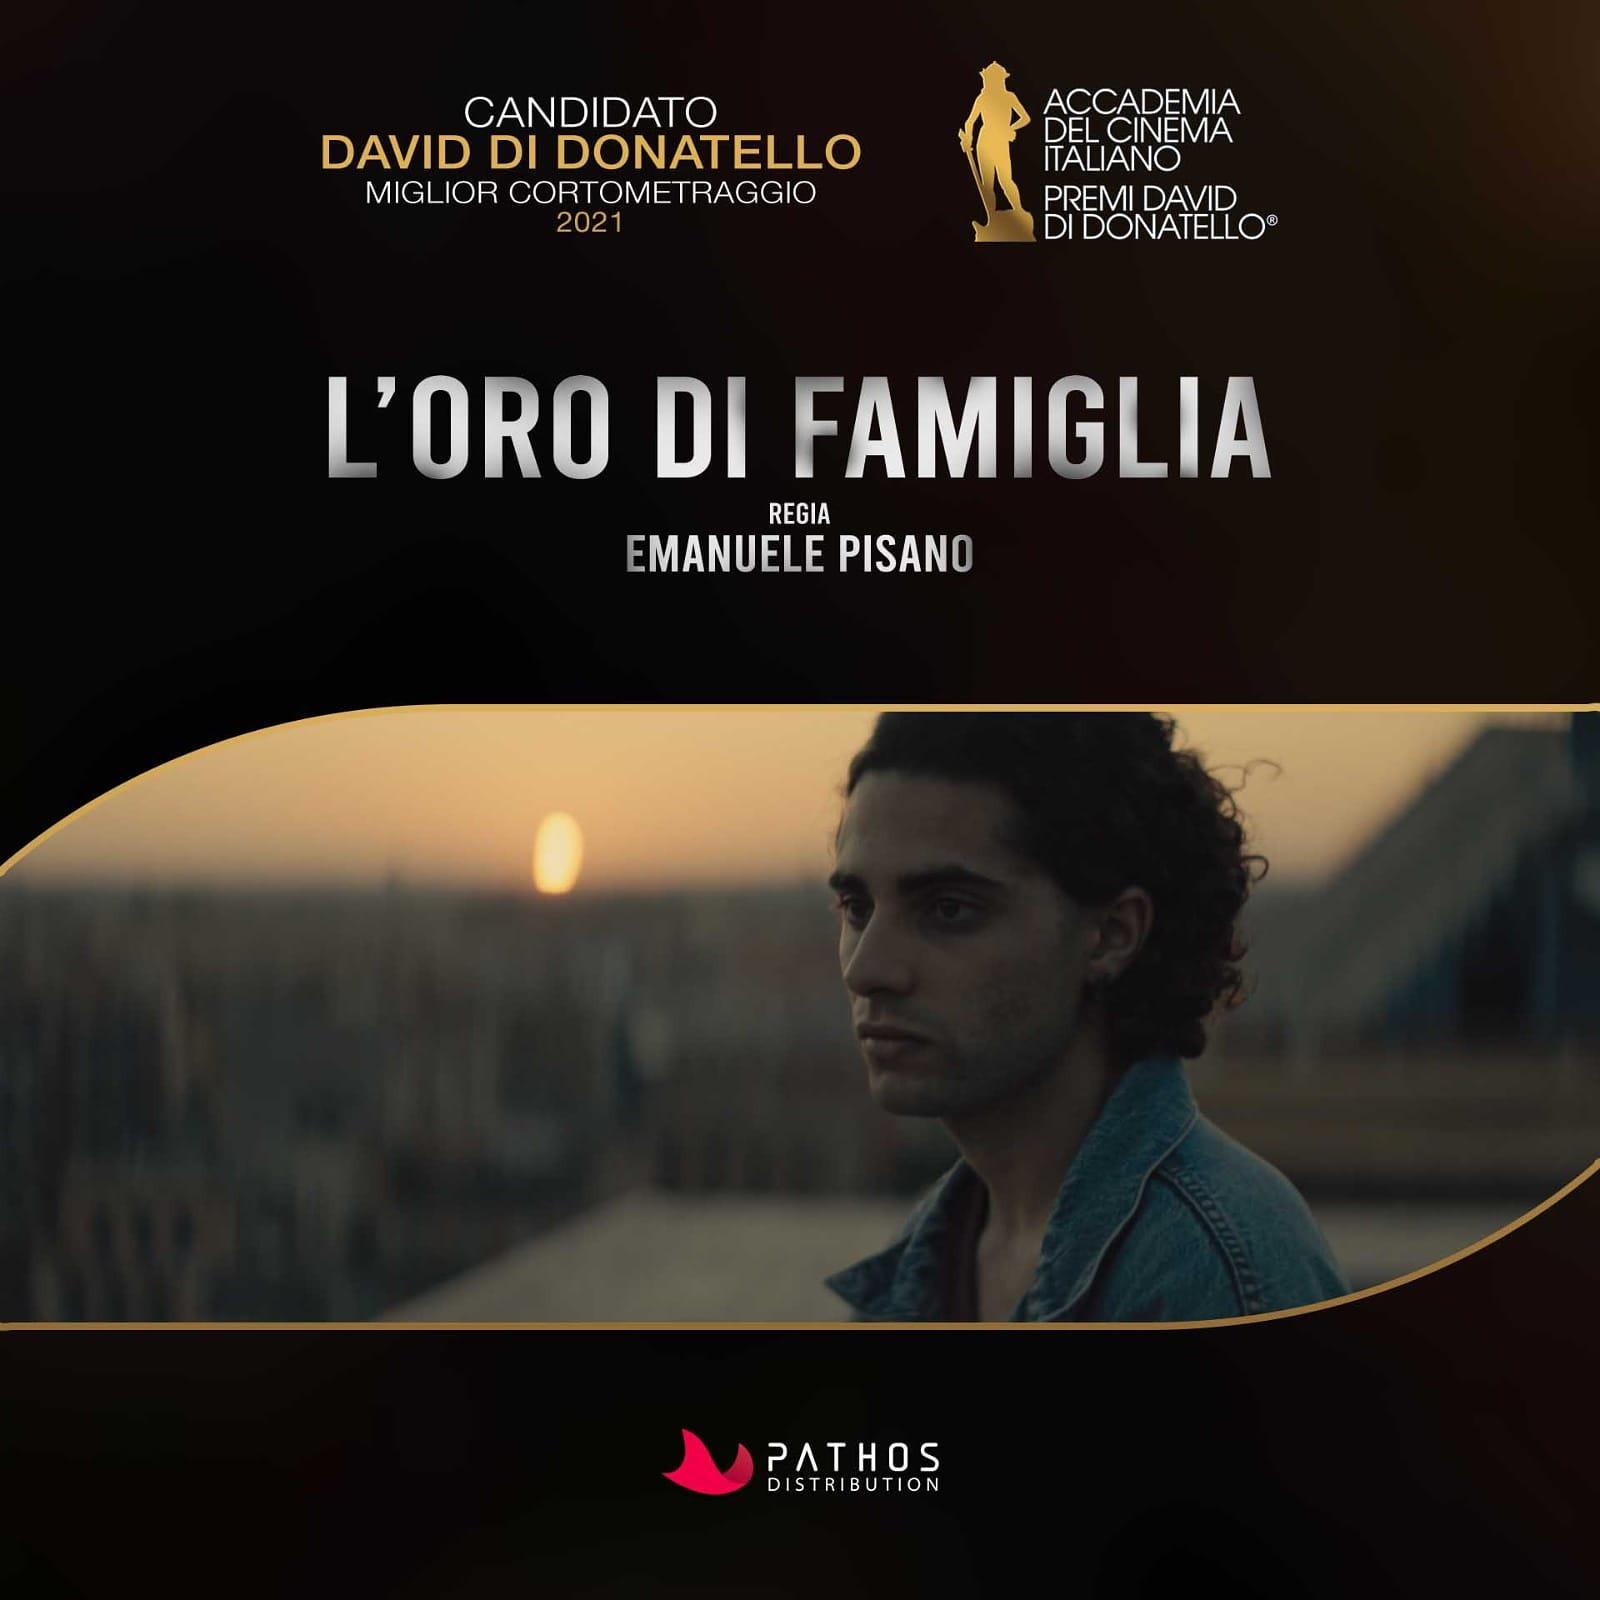 """Emanuele Pisano approda al  David di Donatello  con """"L'oro di famiglia"""""""